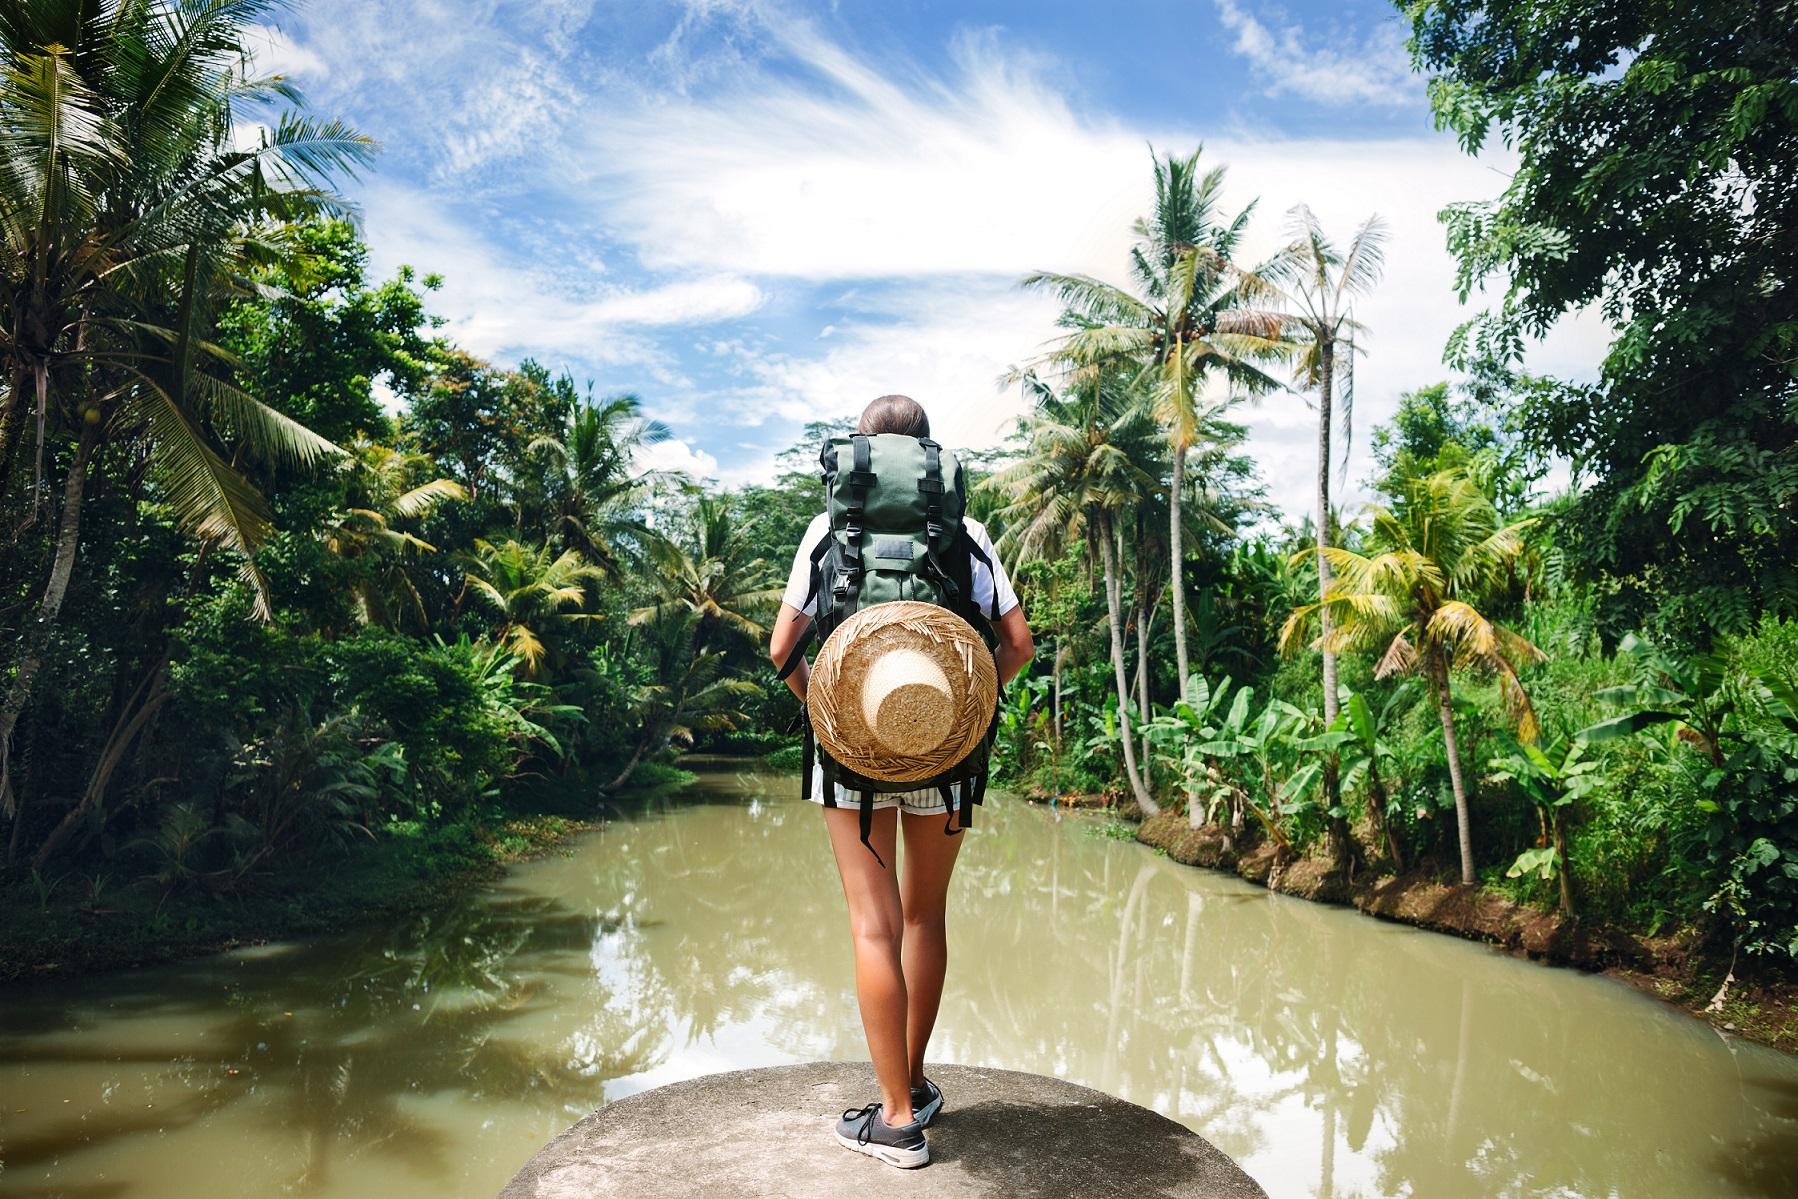 Viagens mudam o viajante. Você volta melhor!